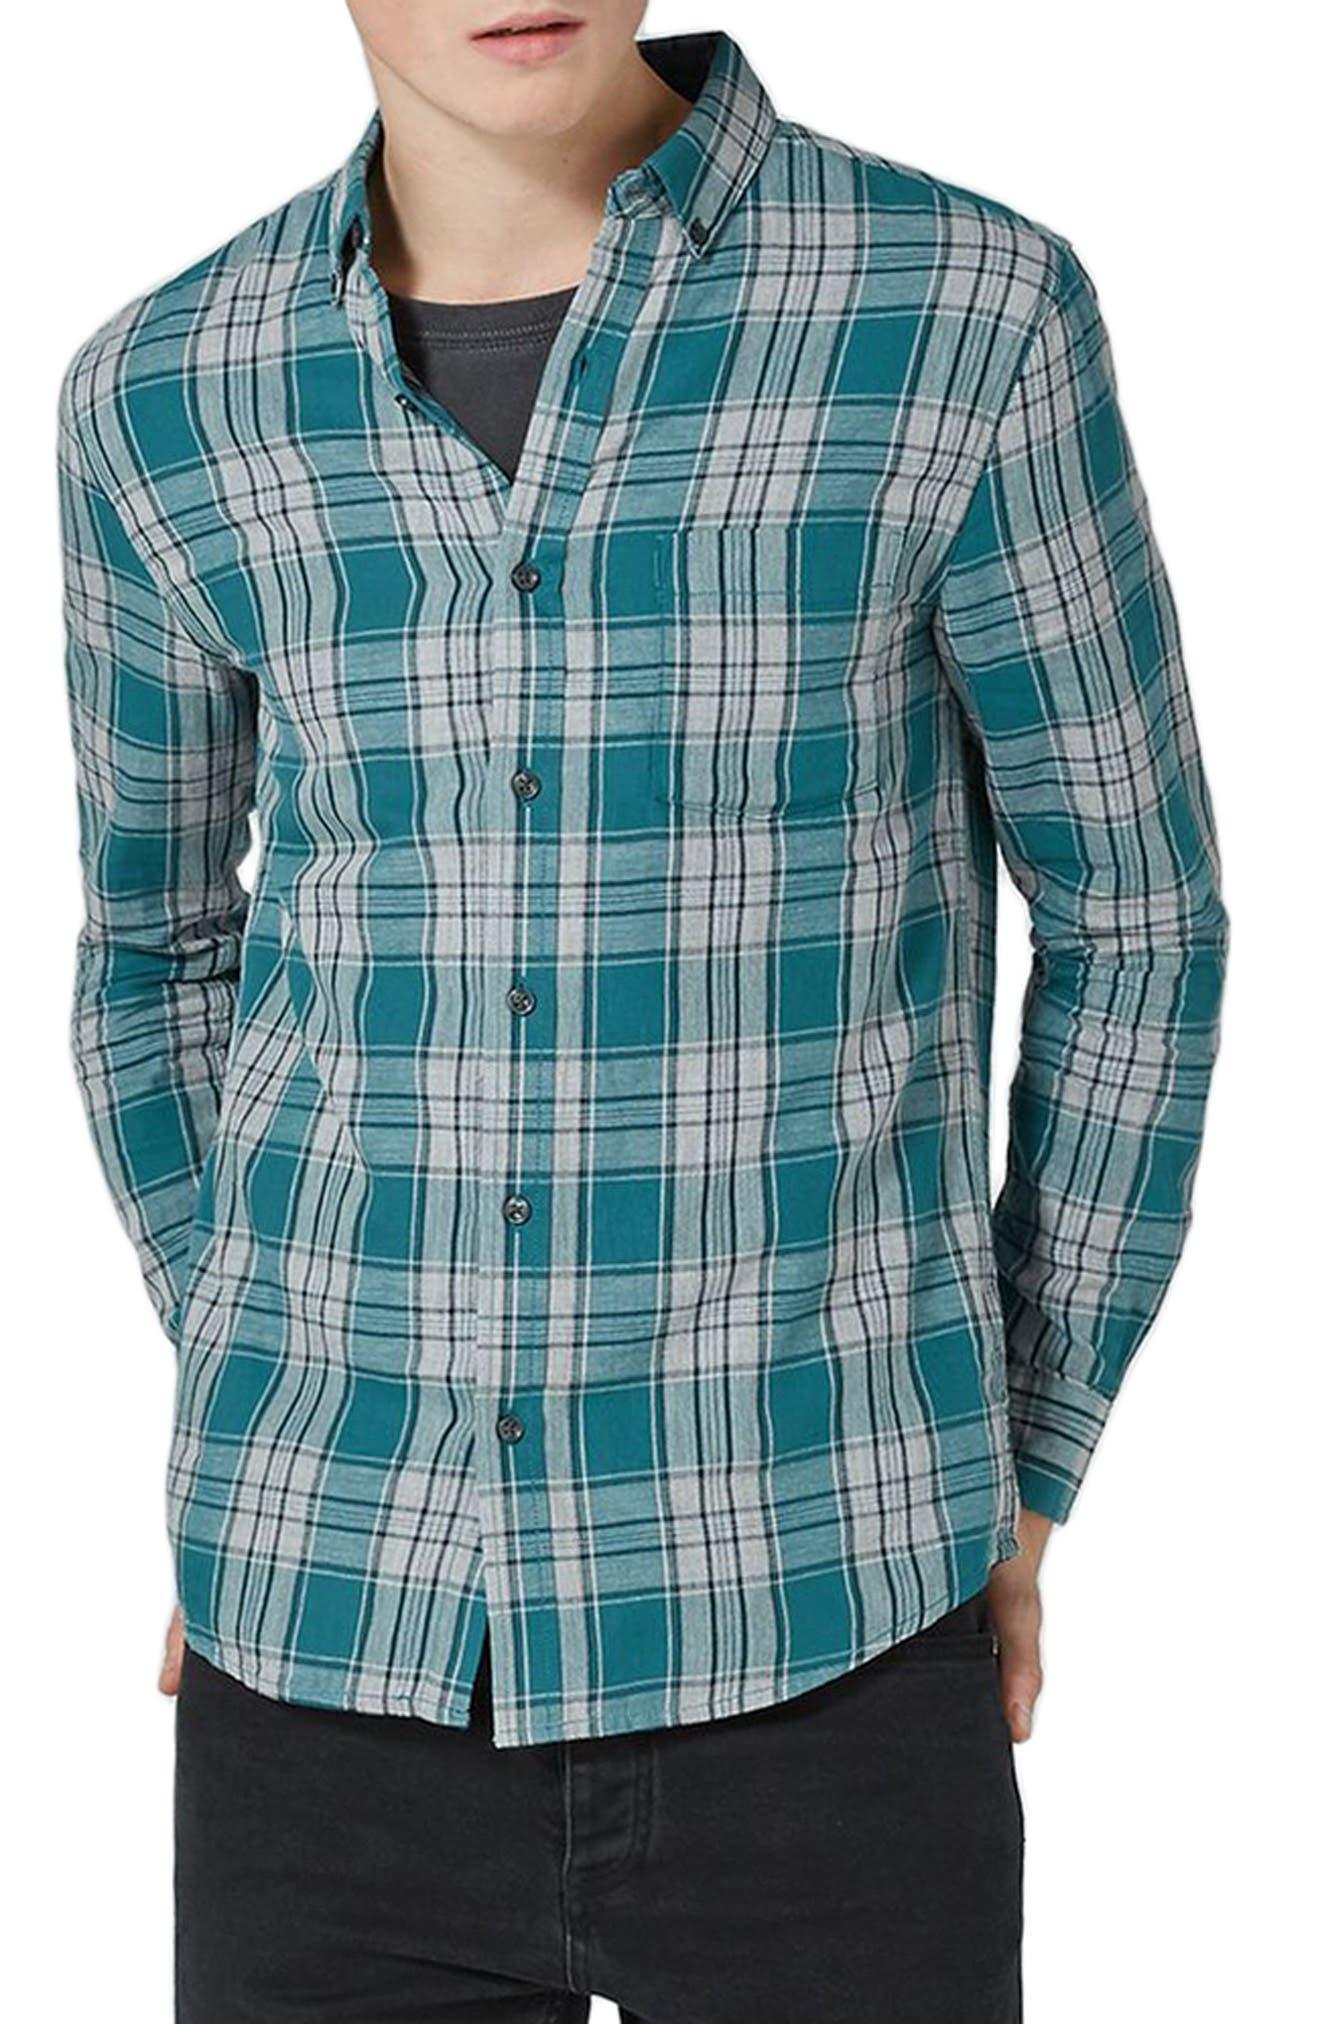 Charlie Check Shirt,                         Main,                         color,